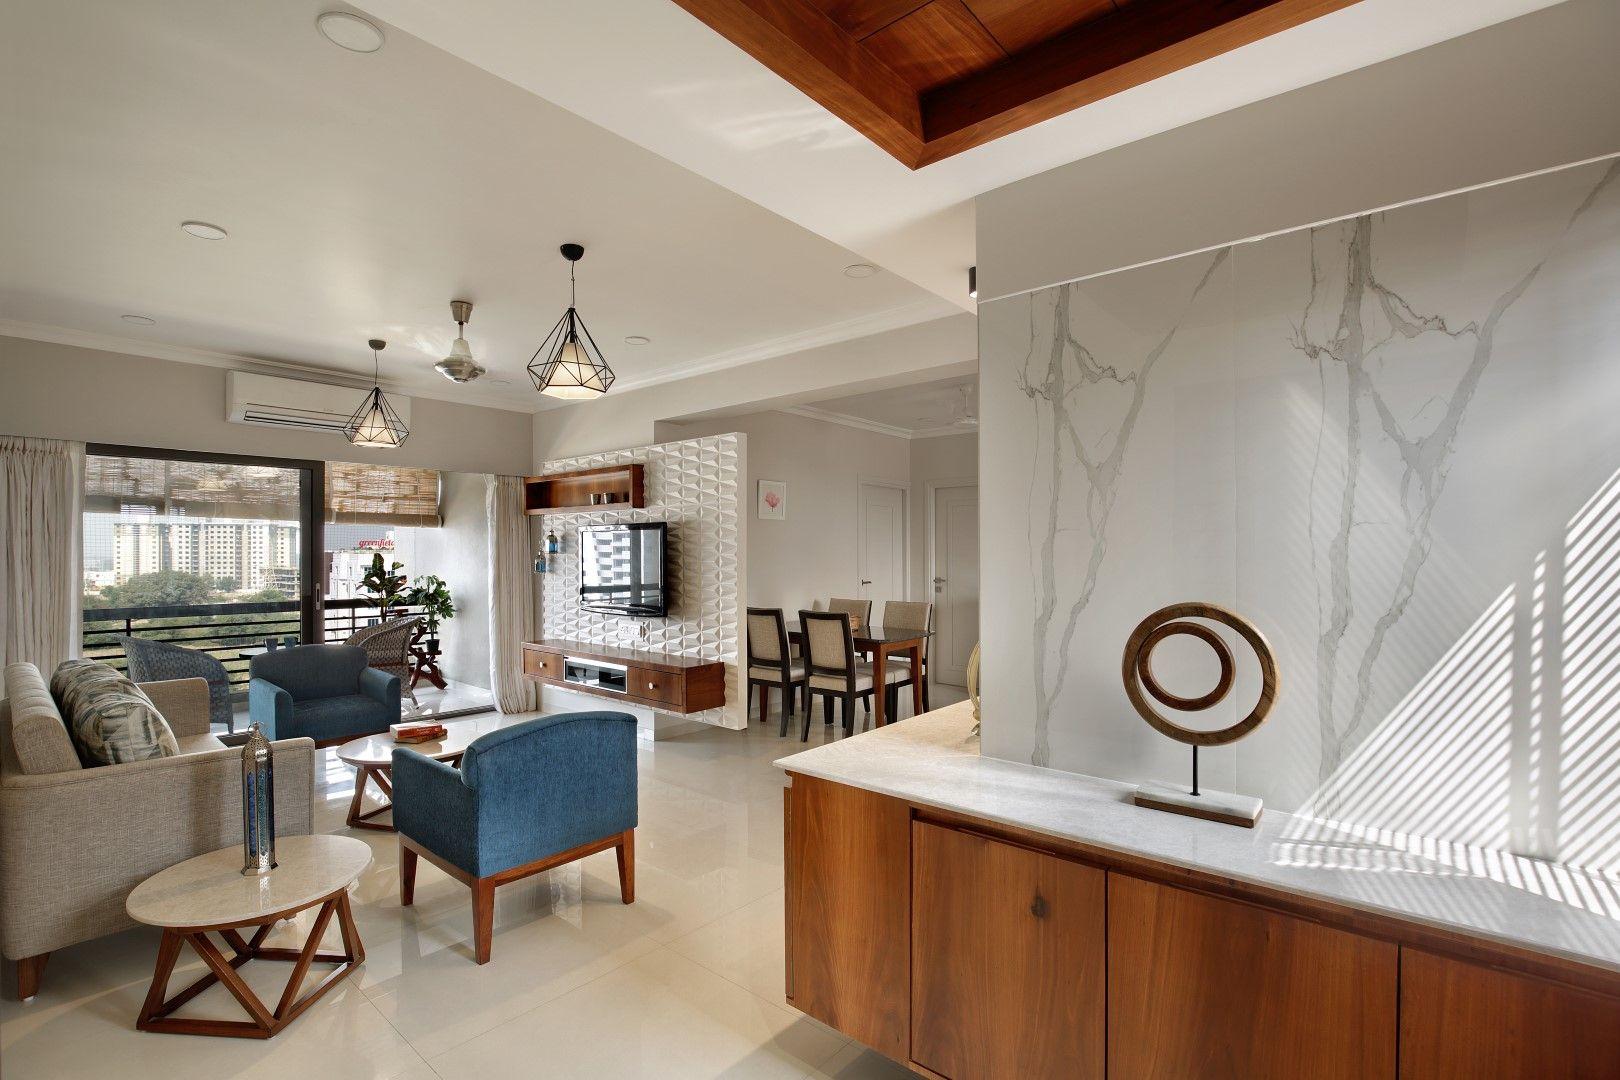 2 Bhk Interior Design Flat Interior Design Interior Design